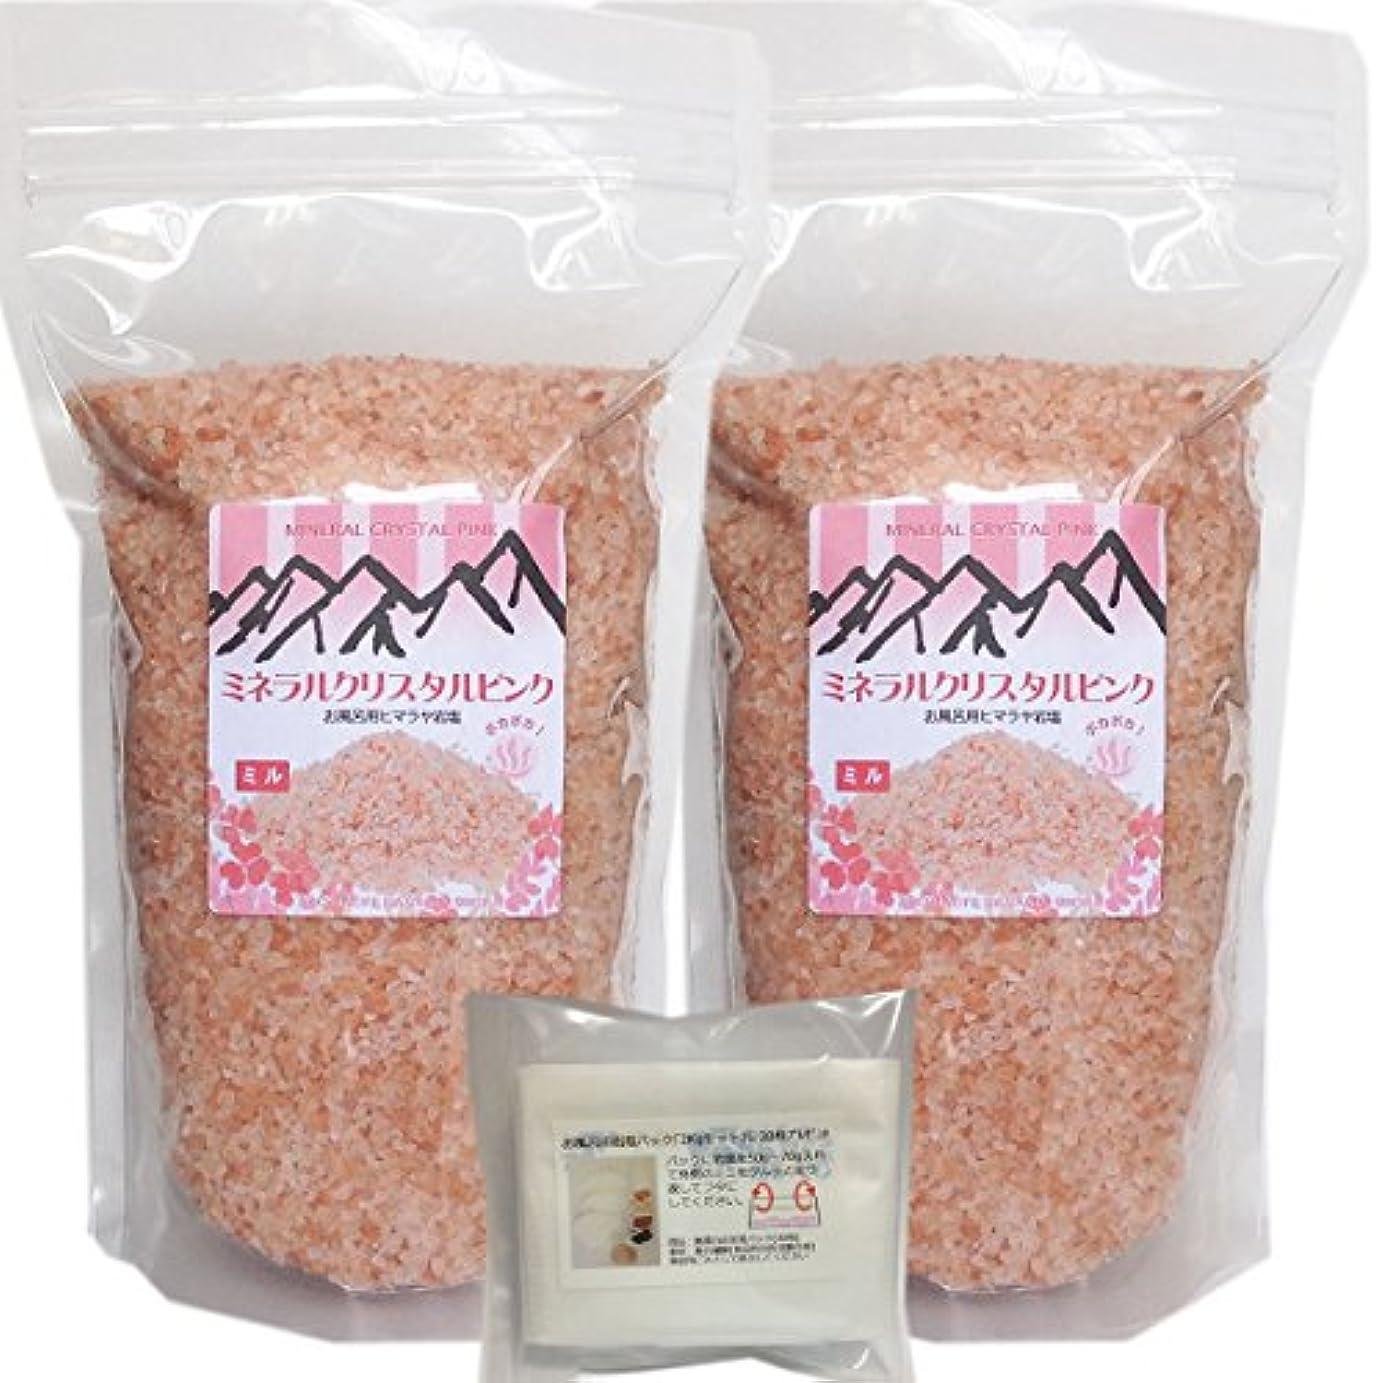 加入慣らす平らにするヒマラヤ岩塩 ミネラルクリスタル ピンク [2Kgセット]